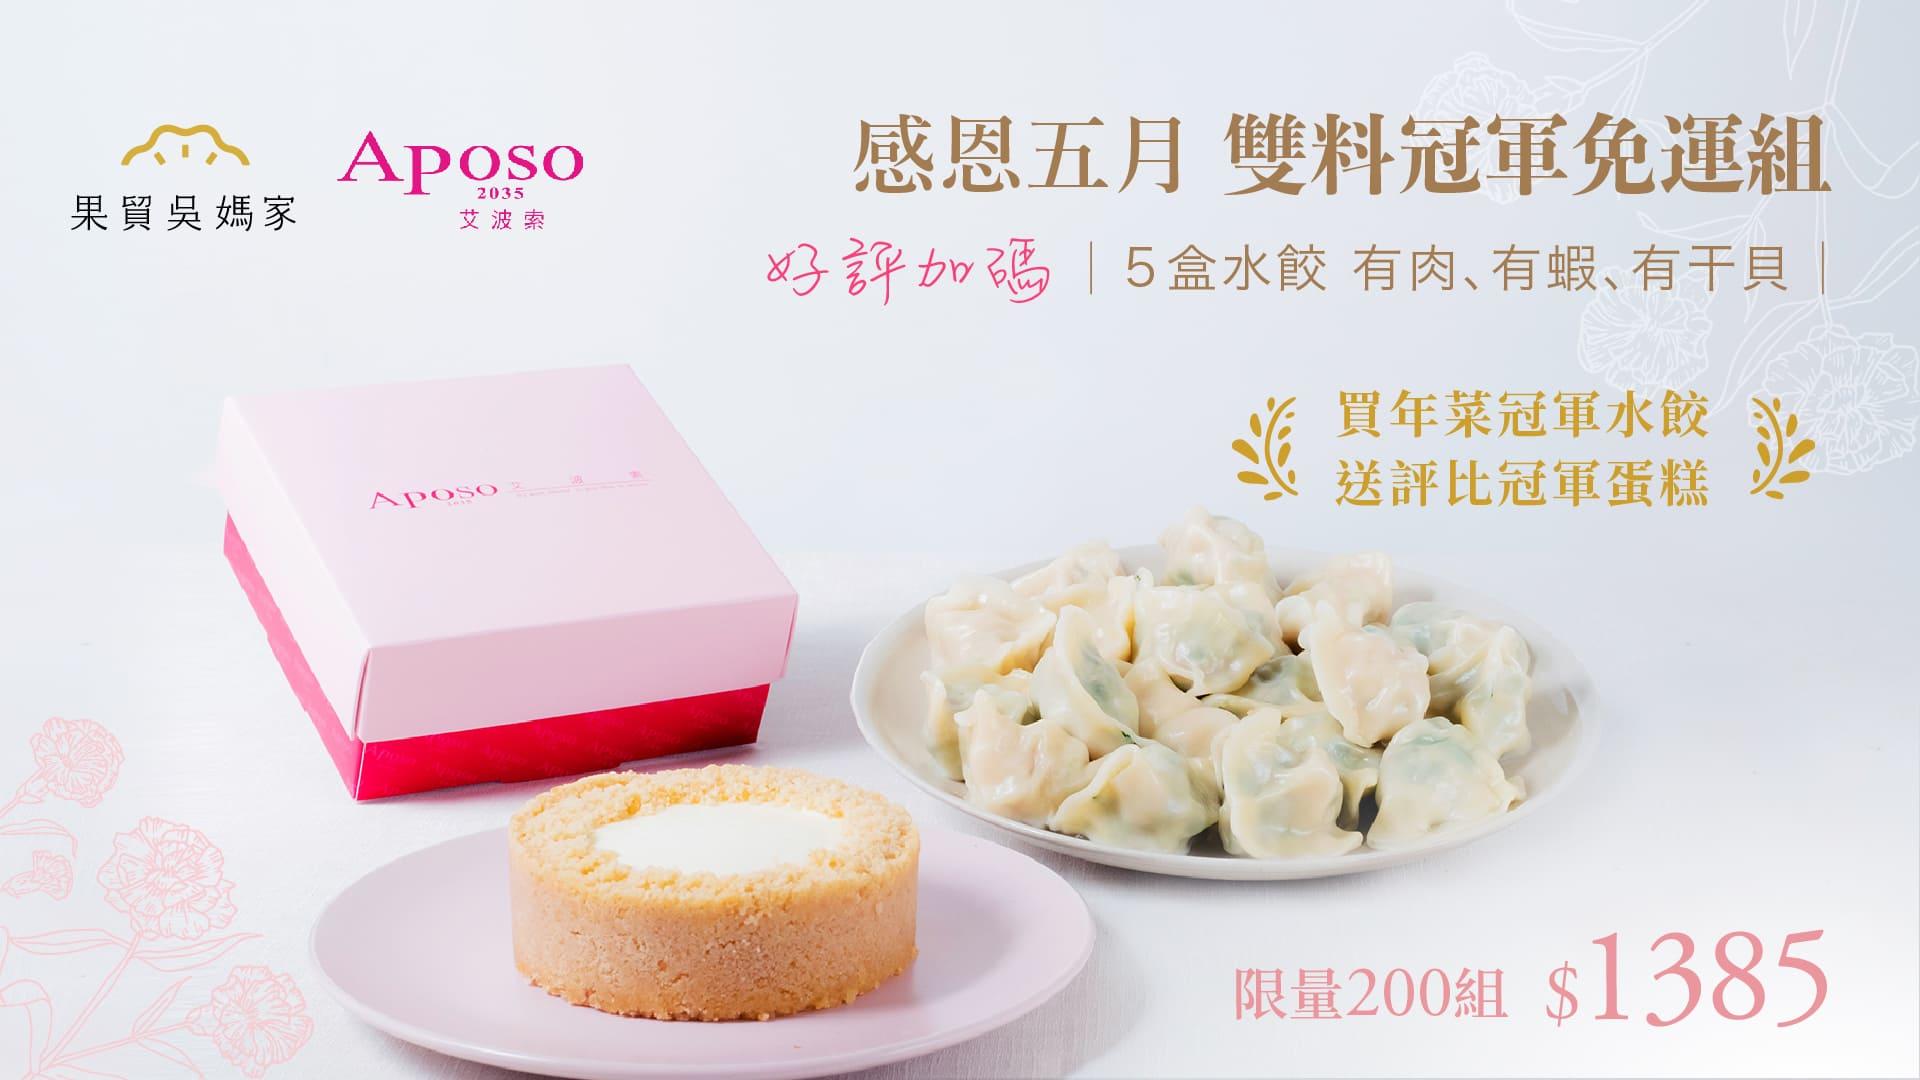 母親節限定-海陸寵愛組,送APOSO蛋糕